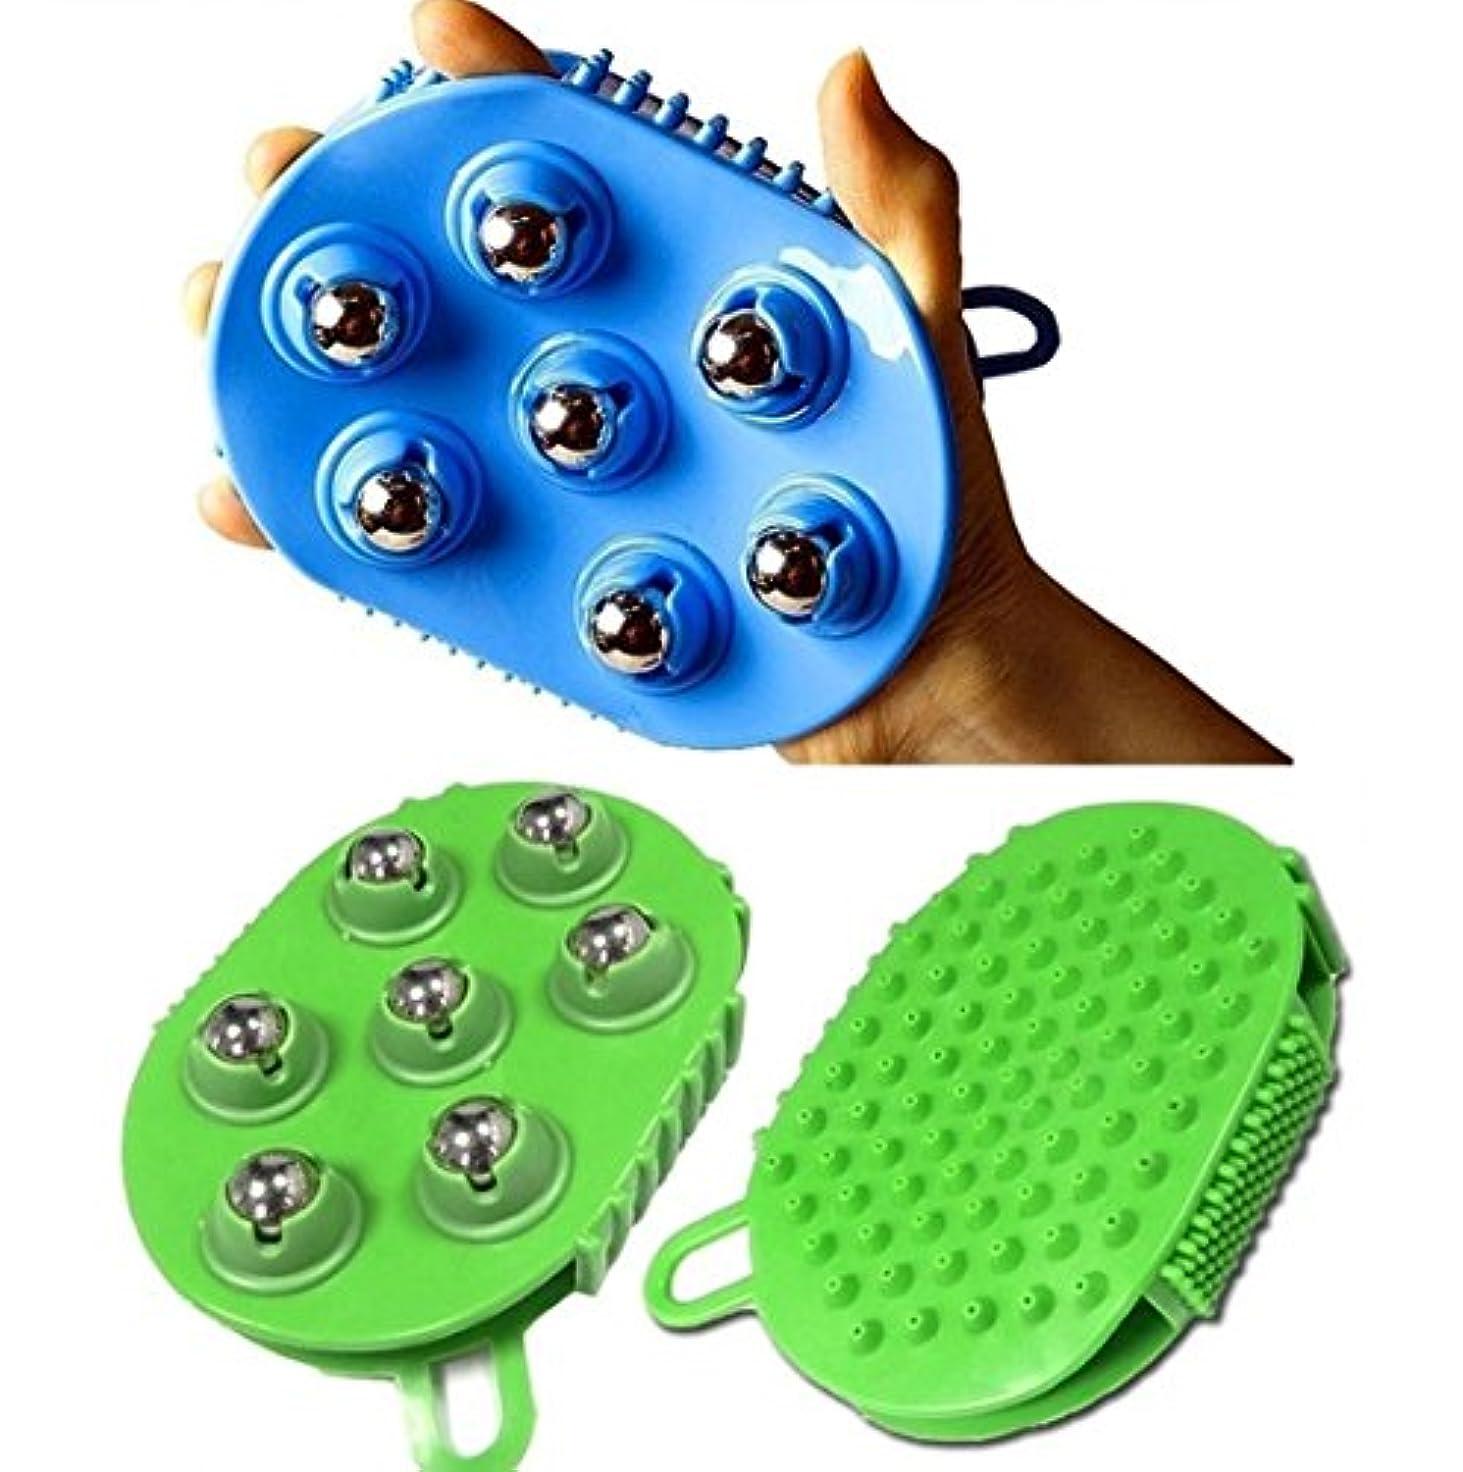 型縁サンダーステンレススチールボールマッサージブラシグローブ7ローリング 360度回転 / Stainless steel Ball Massage Brush Glove 7 Rolling 360 degree rotation...